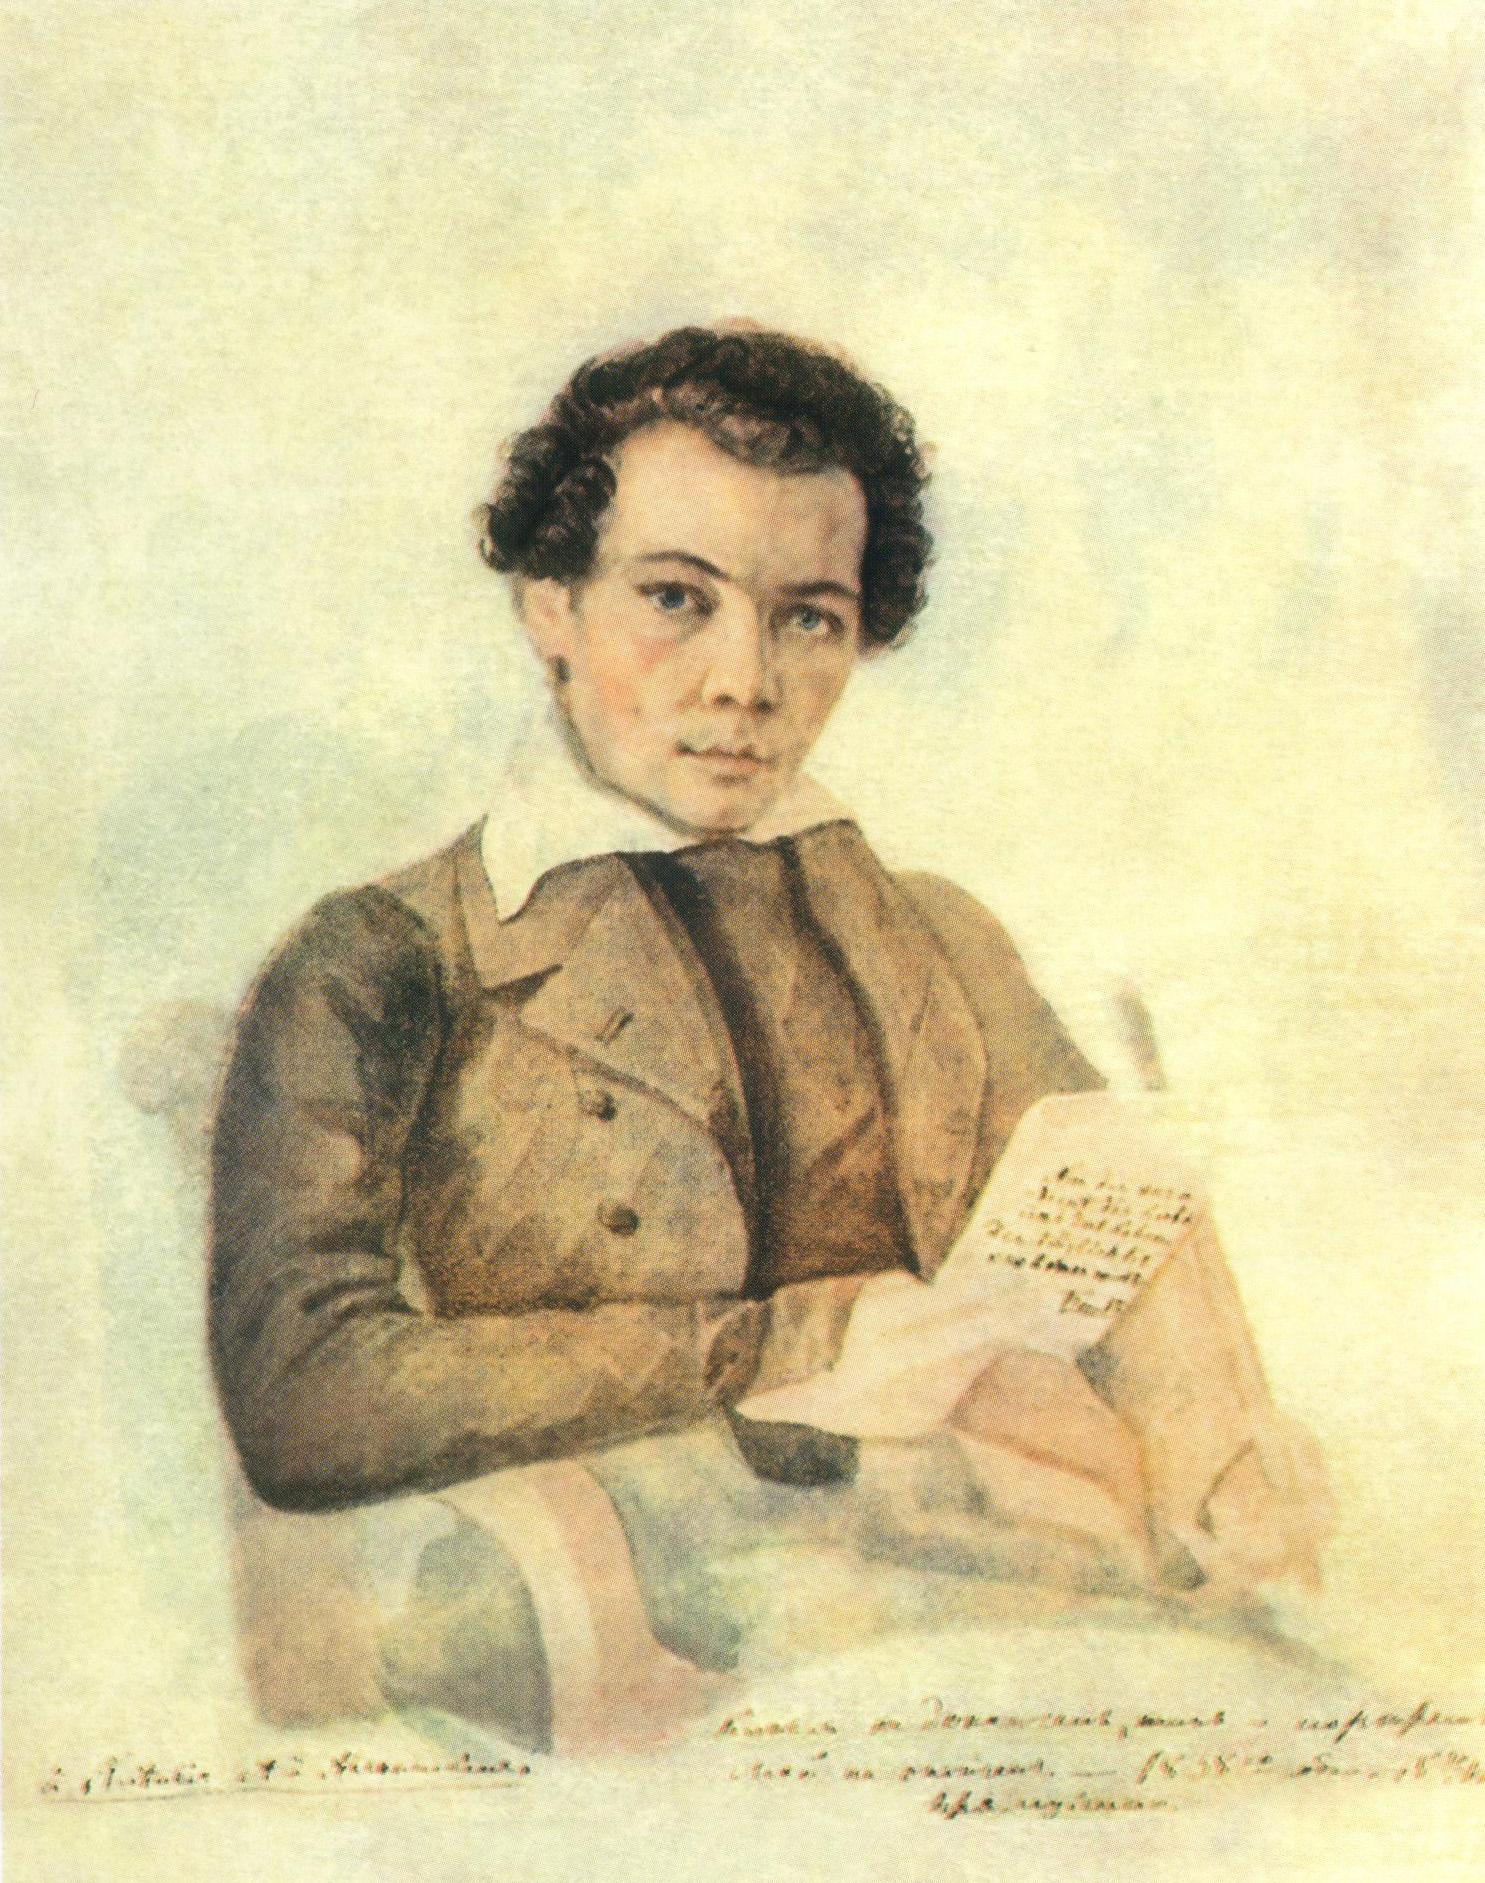 Акварельный портрет (автопортрет) Михаила Александровича Бакунина, 1930 г